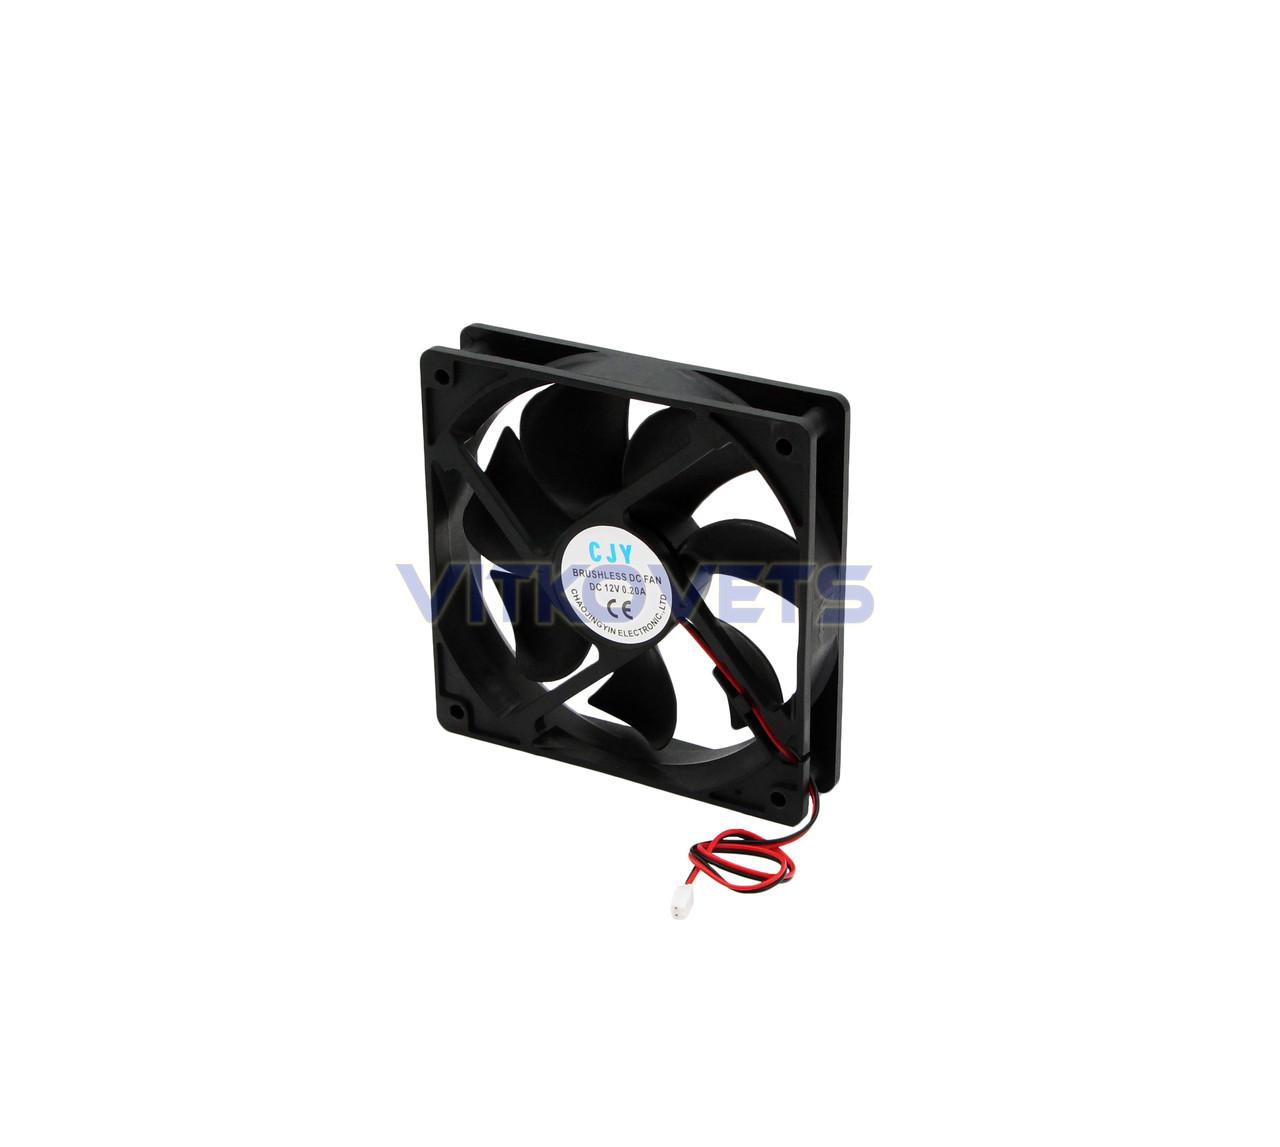 Вентилятор (кулер) 120х120, 12V, 0.2A (2 pin)